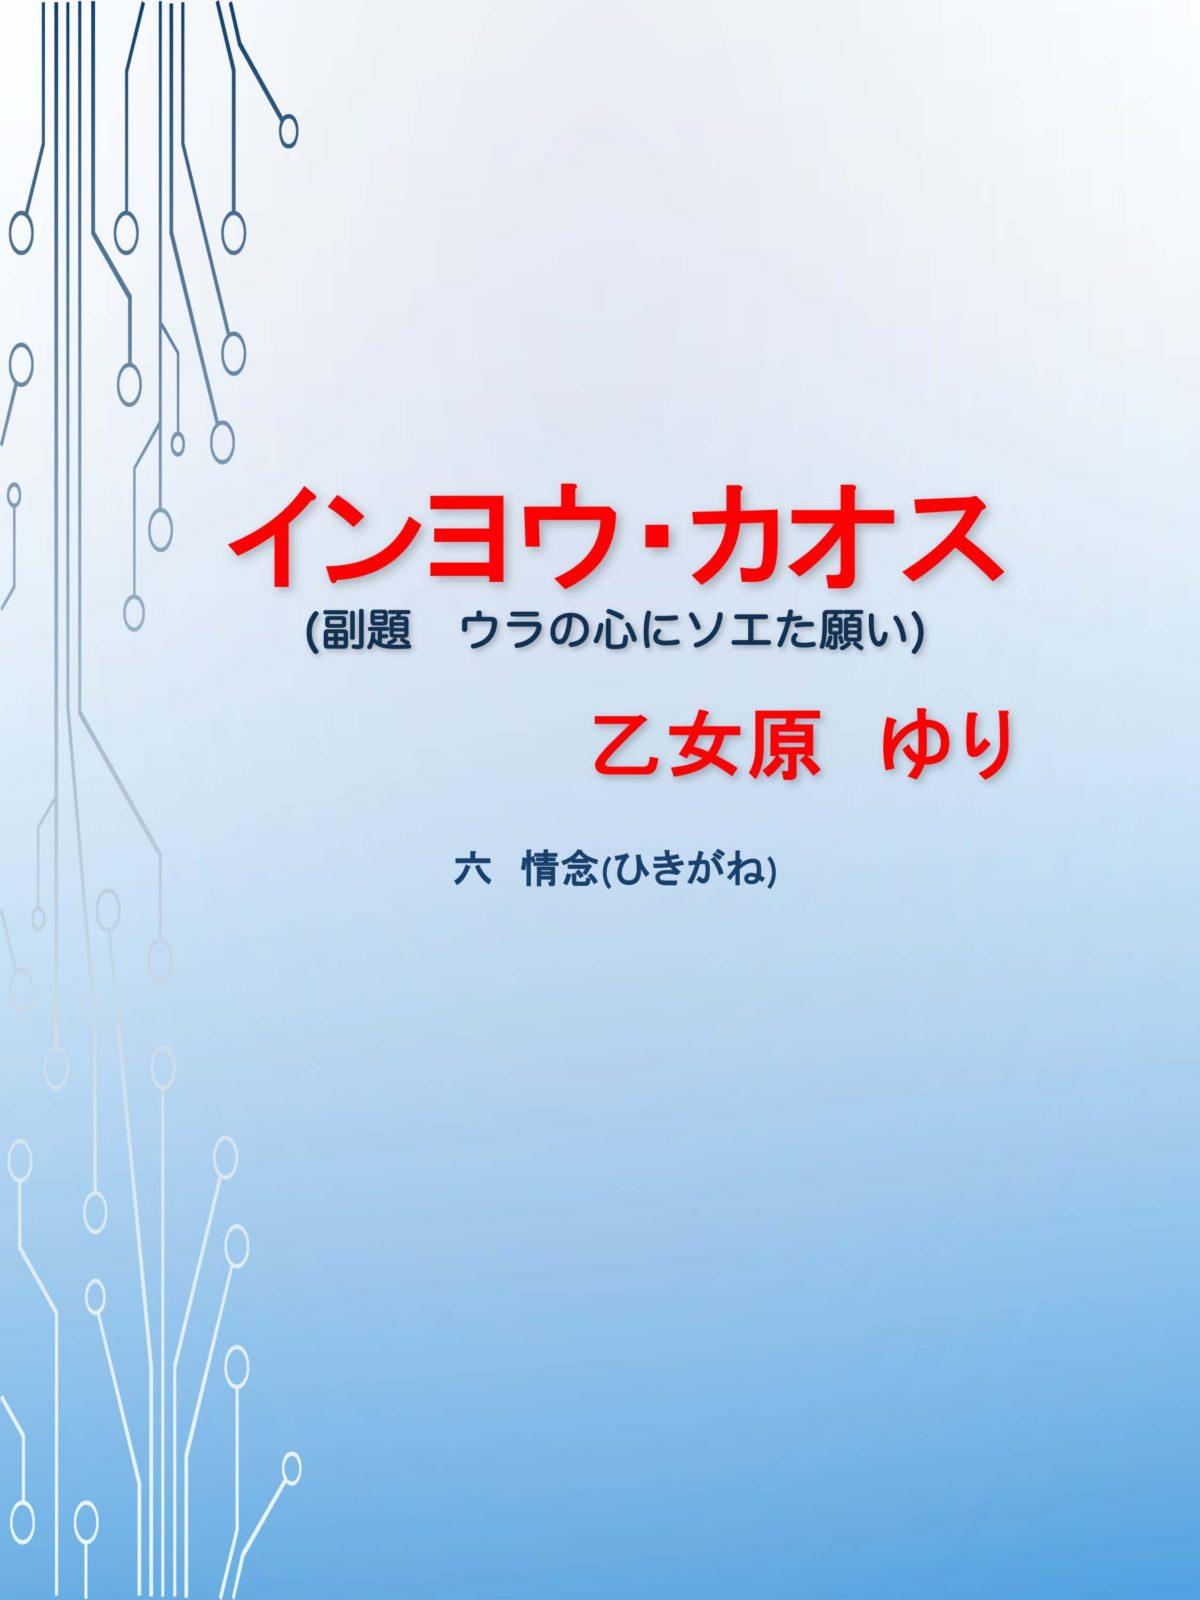 インヨウ・カオス (副題 ウラの心にソエた願い)  六 情念(ひきがね)